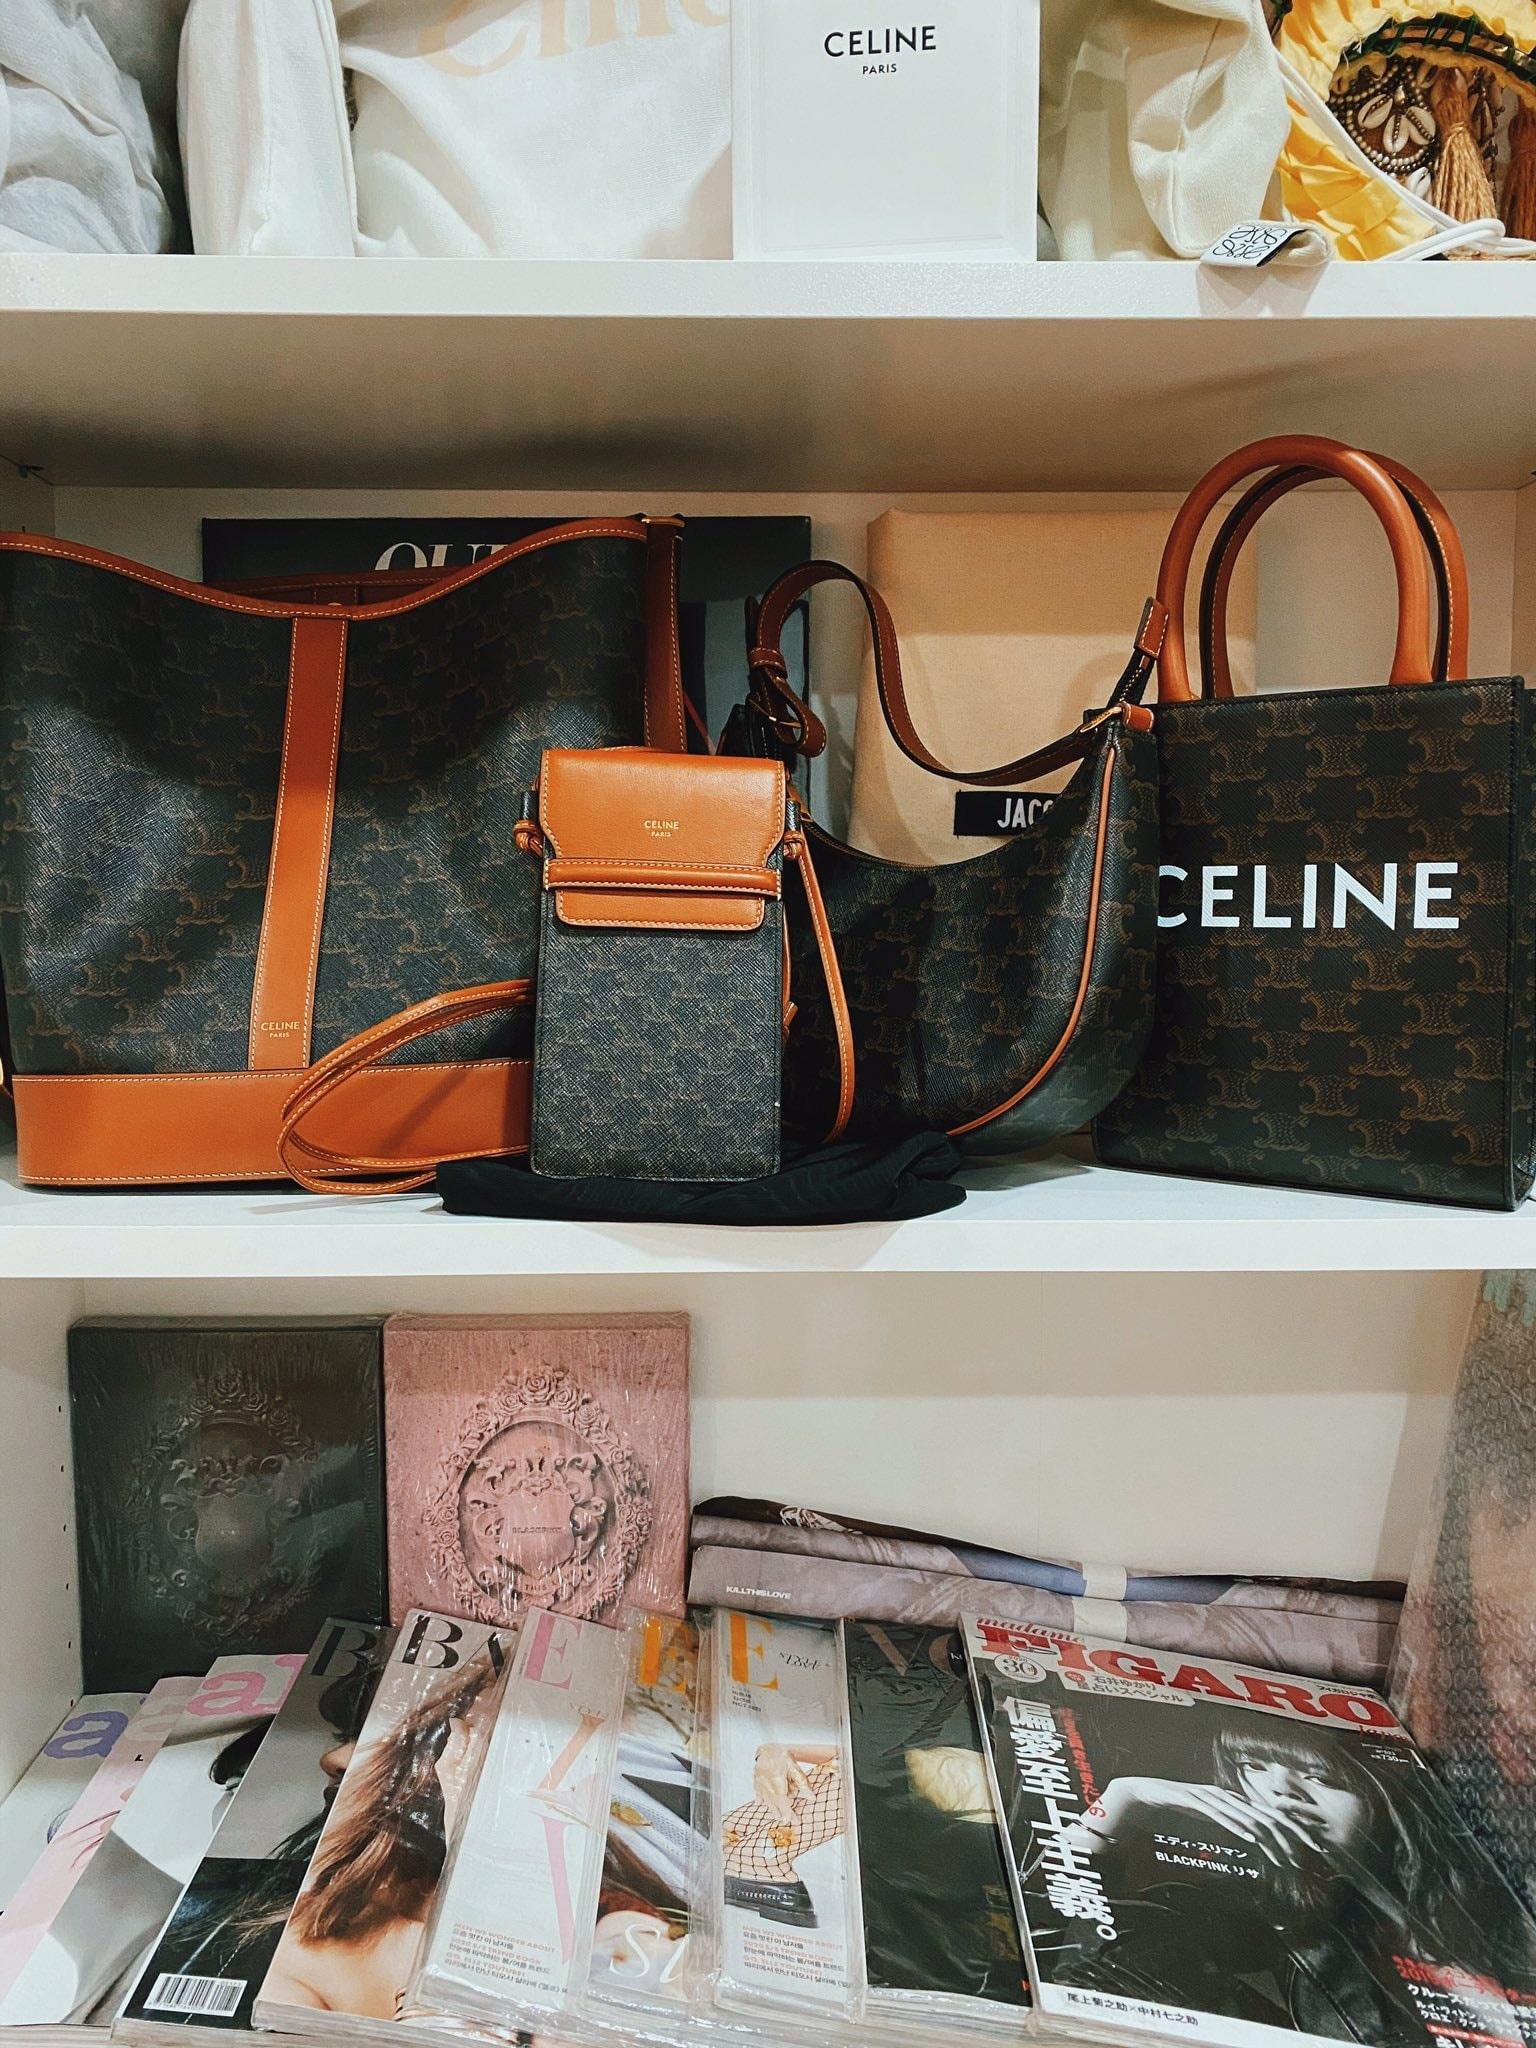 Nể fan của Lisa: Chốt đơn liên tục, mua cả tá đồ Celine mừng idol thành đại sứ toàn cầu - Ảnh 14.